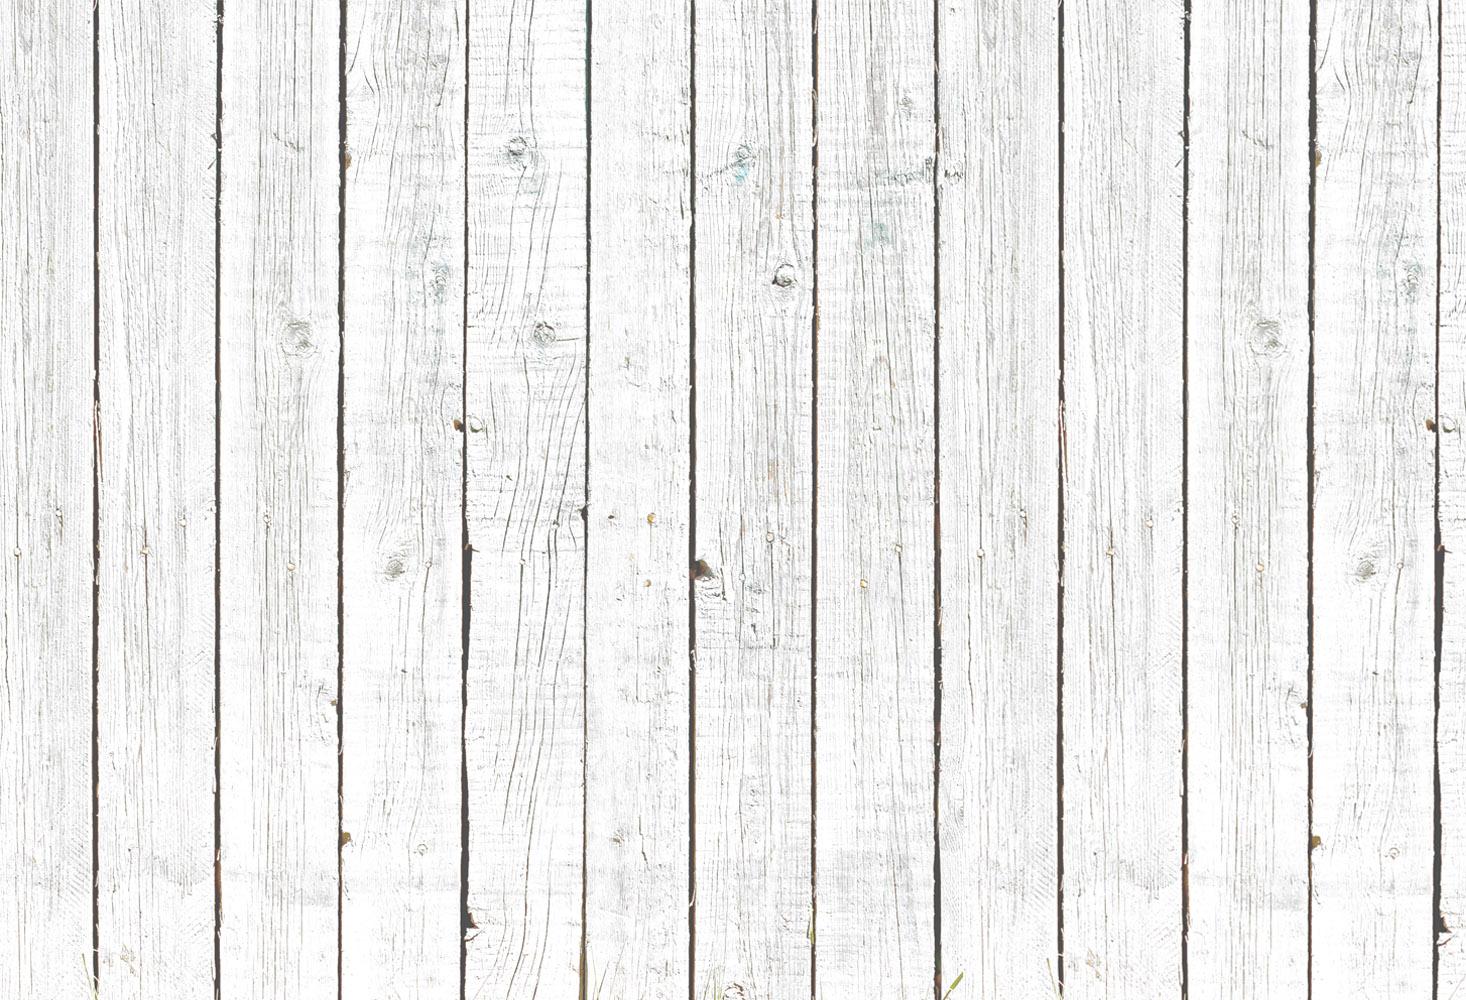 Exceptionnel Старинные деревянные полы фон фотографии белый деревянные доски цифровой  печатной студии фото фон D 9738